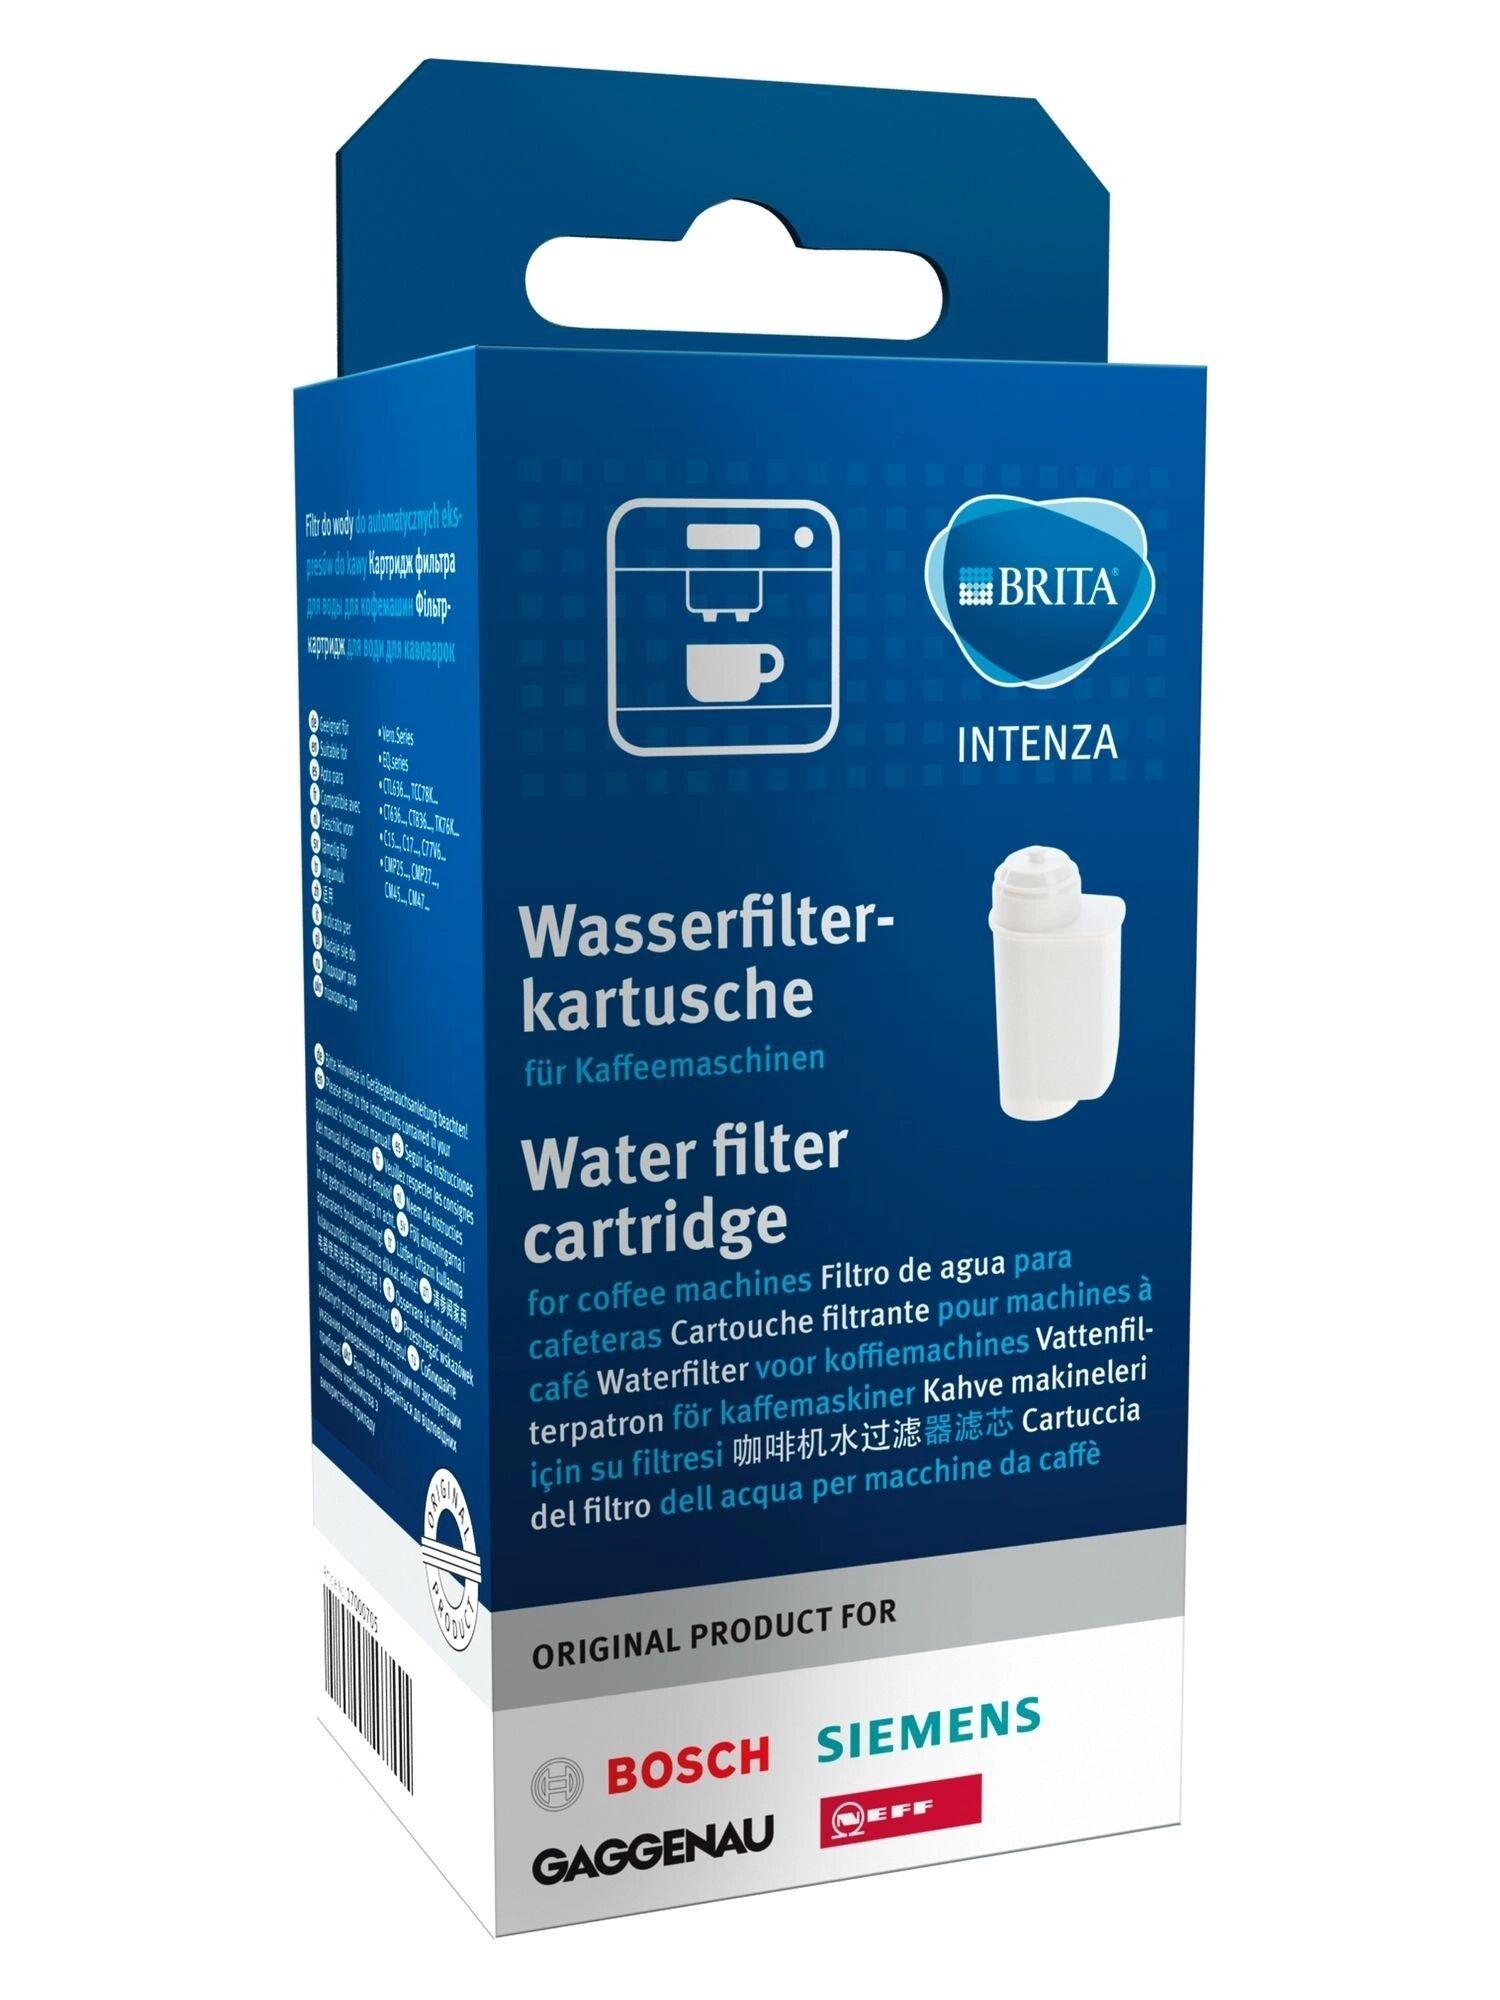 Cartouche Filtrante Bosch Brita Intenza TCZ7003 / TZ70003